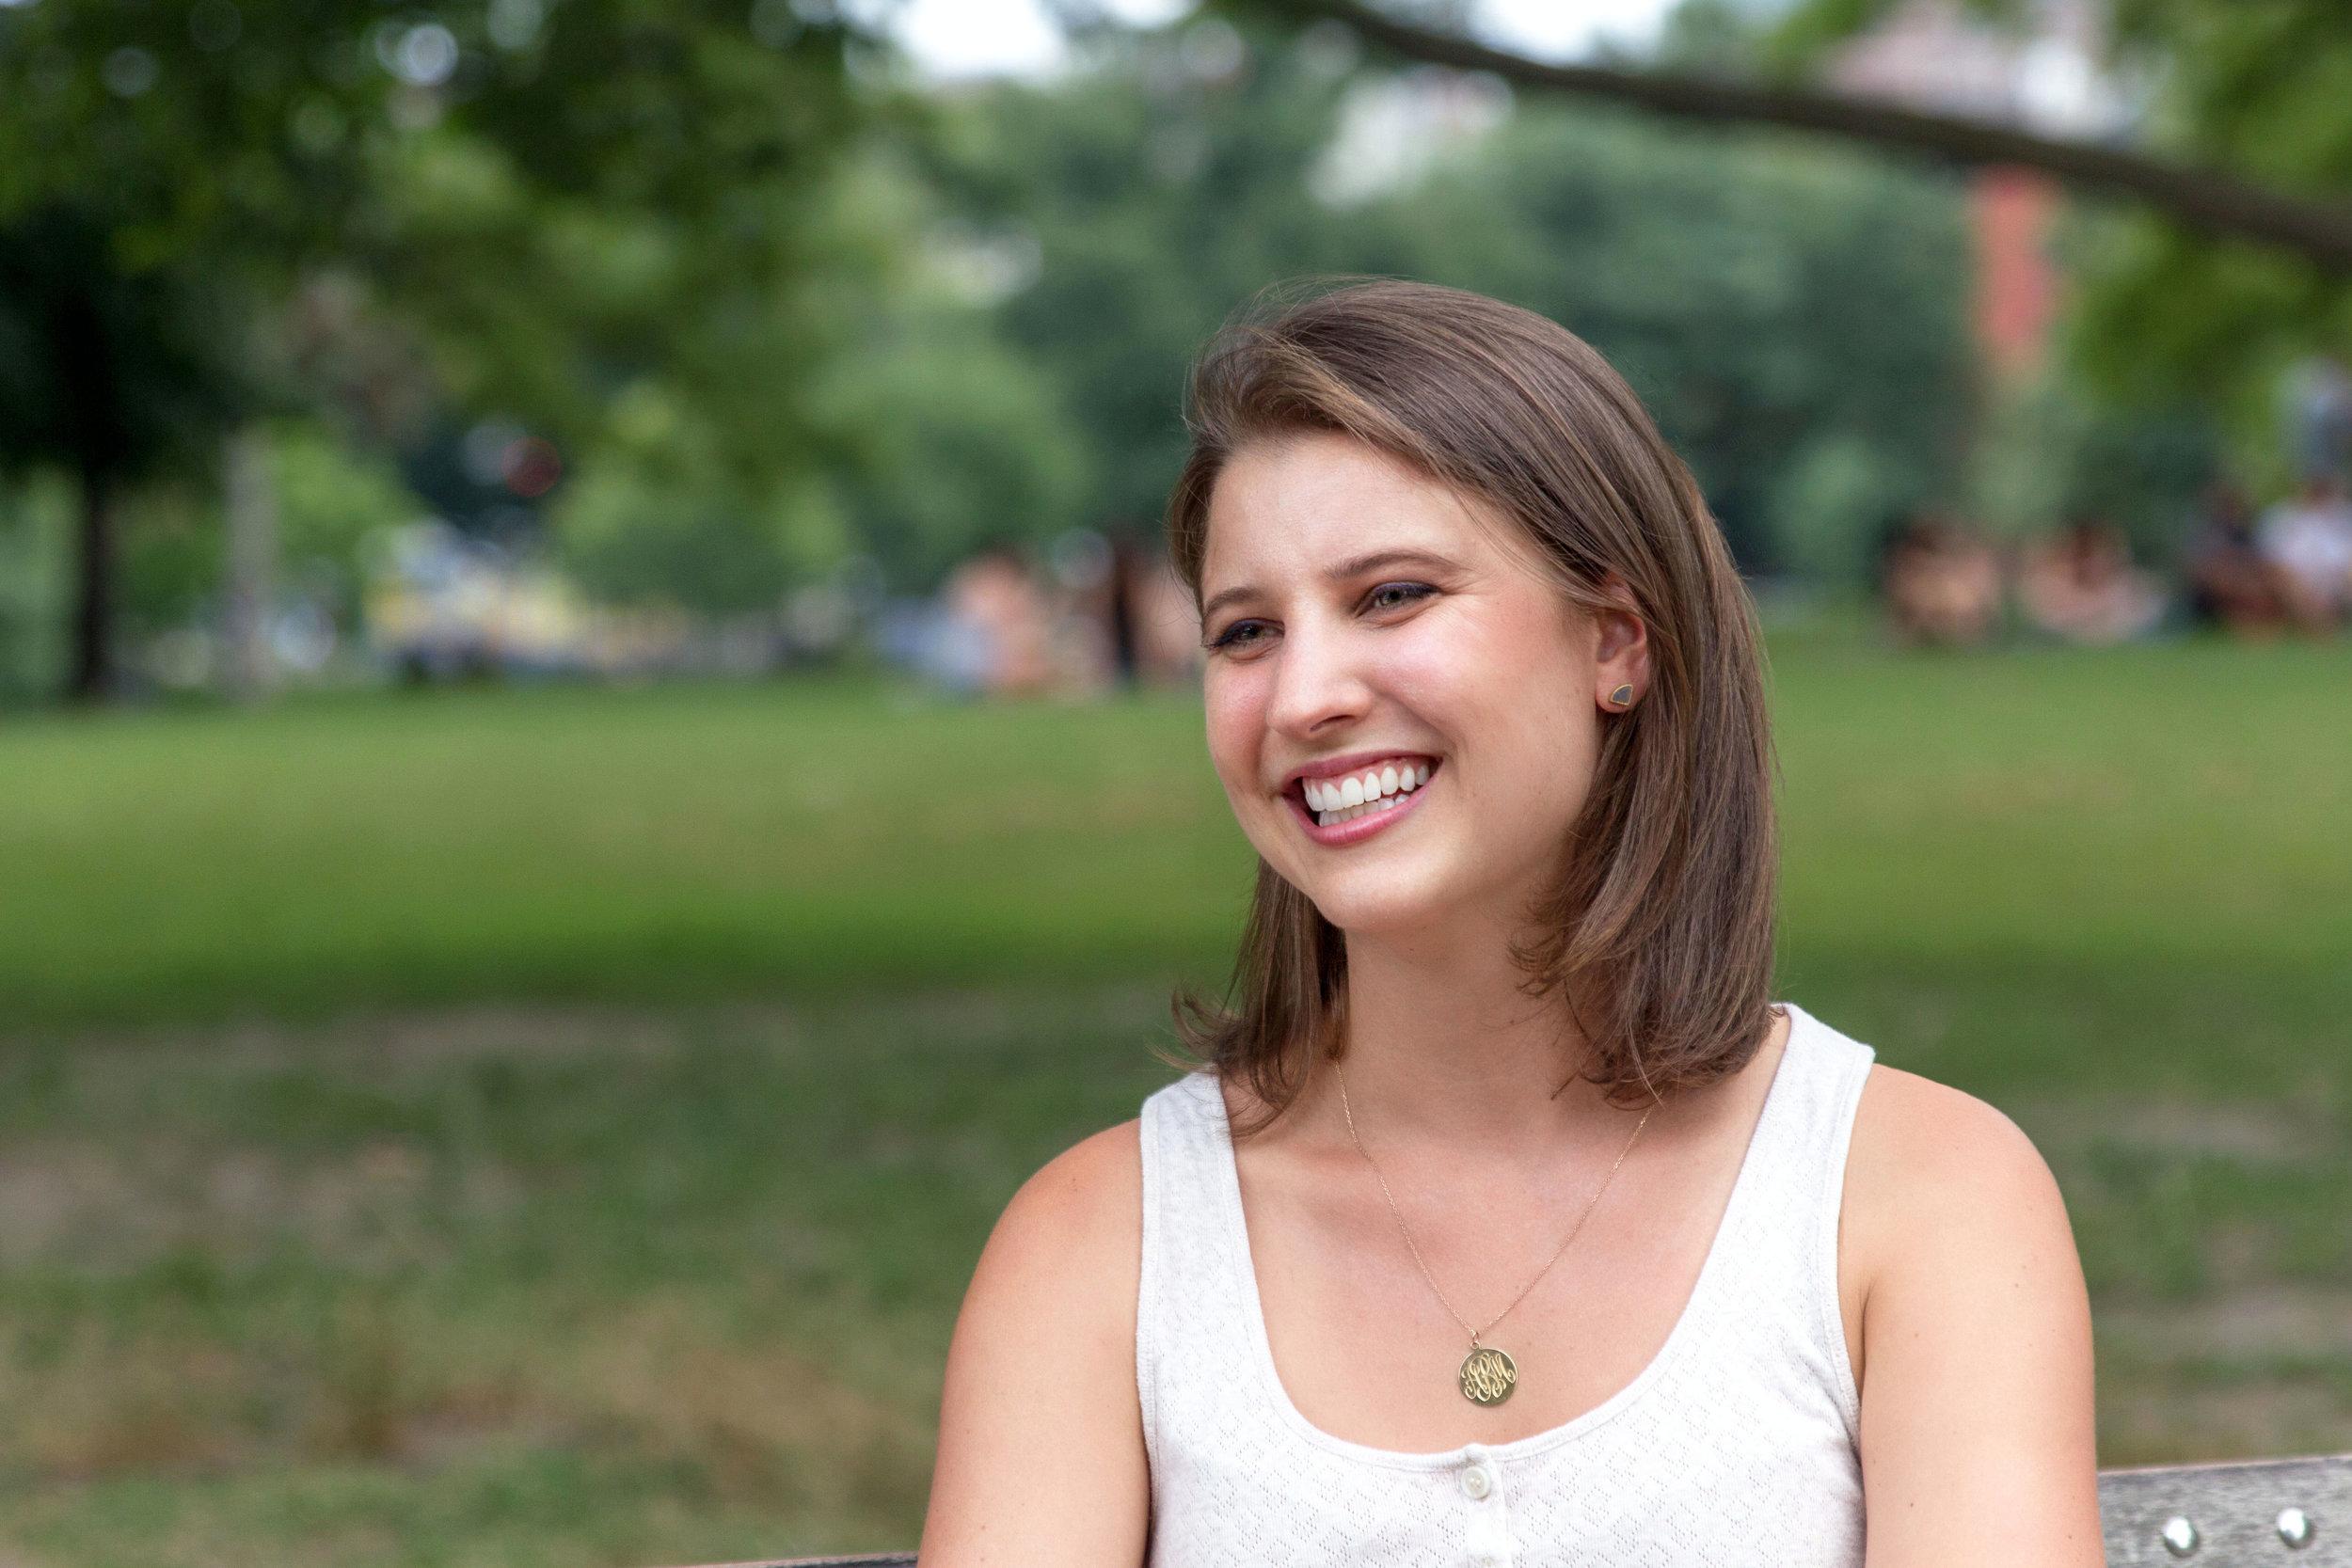 AllisonBehringer-Headshot.jpg